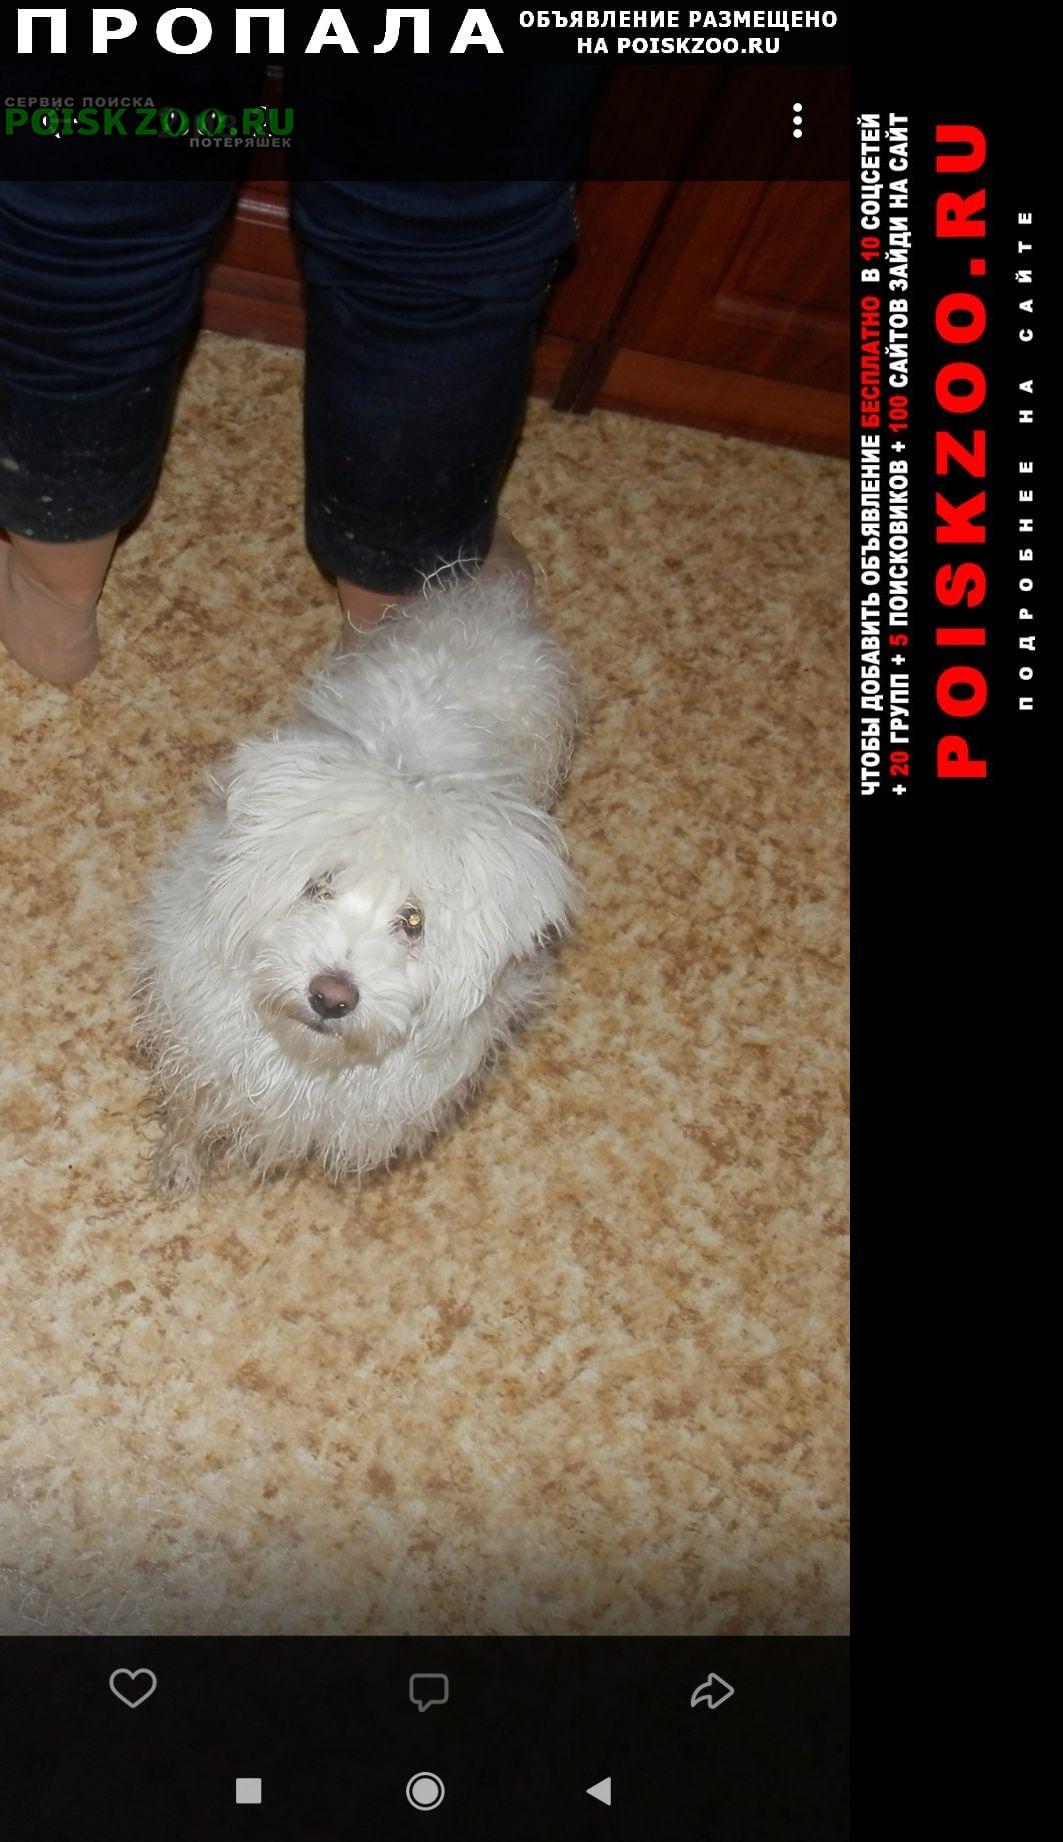 Пропала собака кобель вознаграждение Череповец